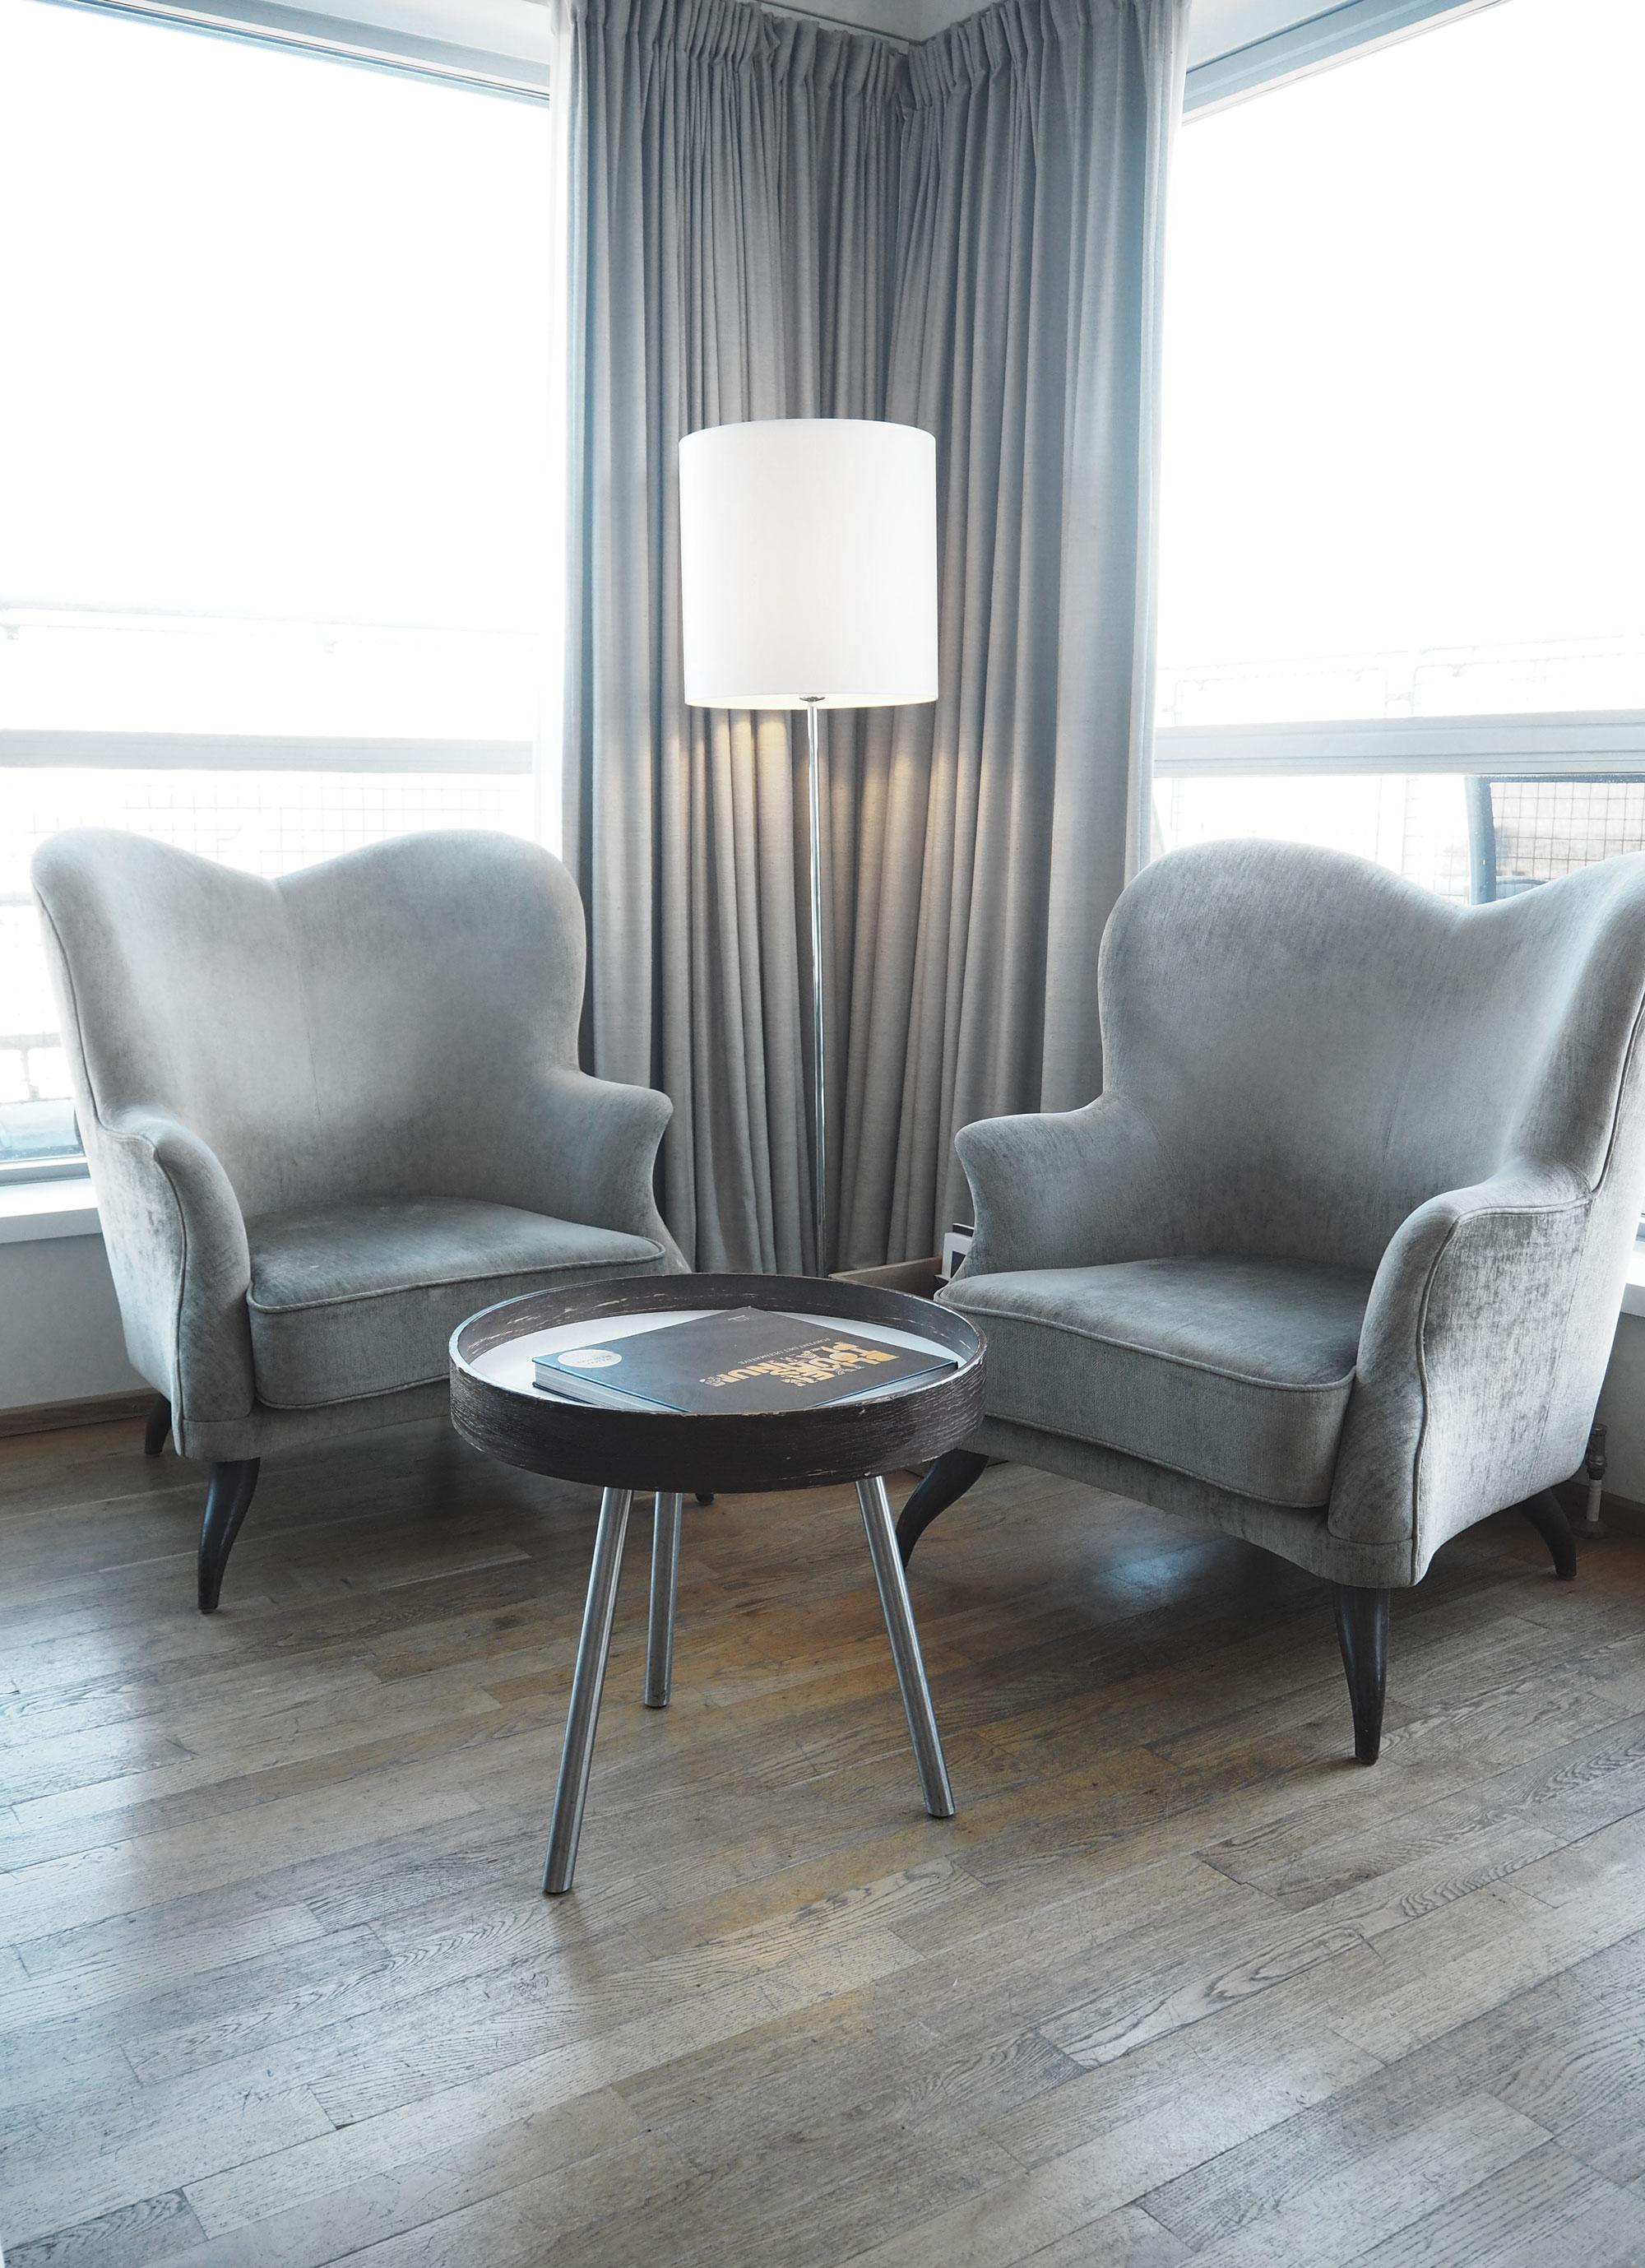 Skt Petri hotel room - Copenhagen